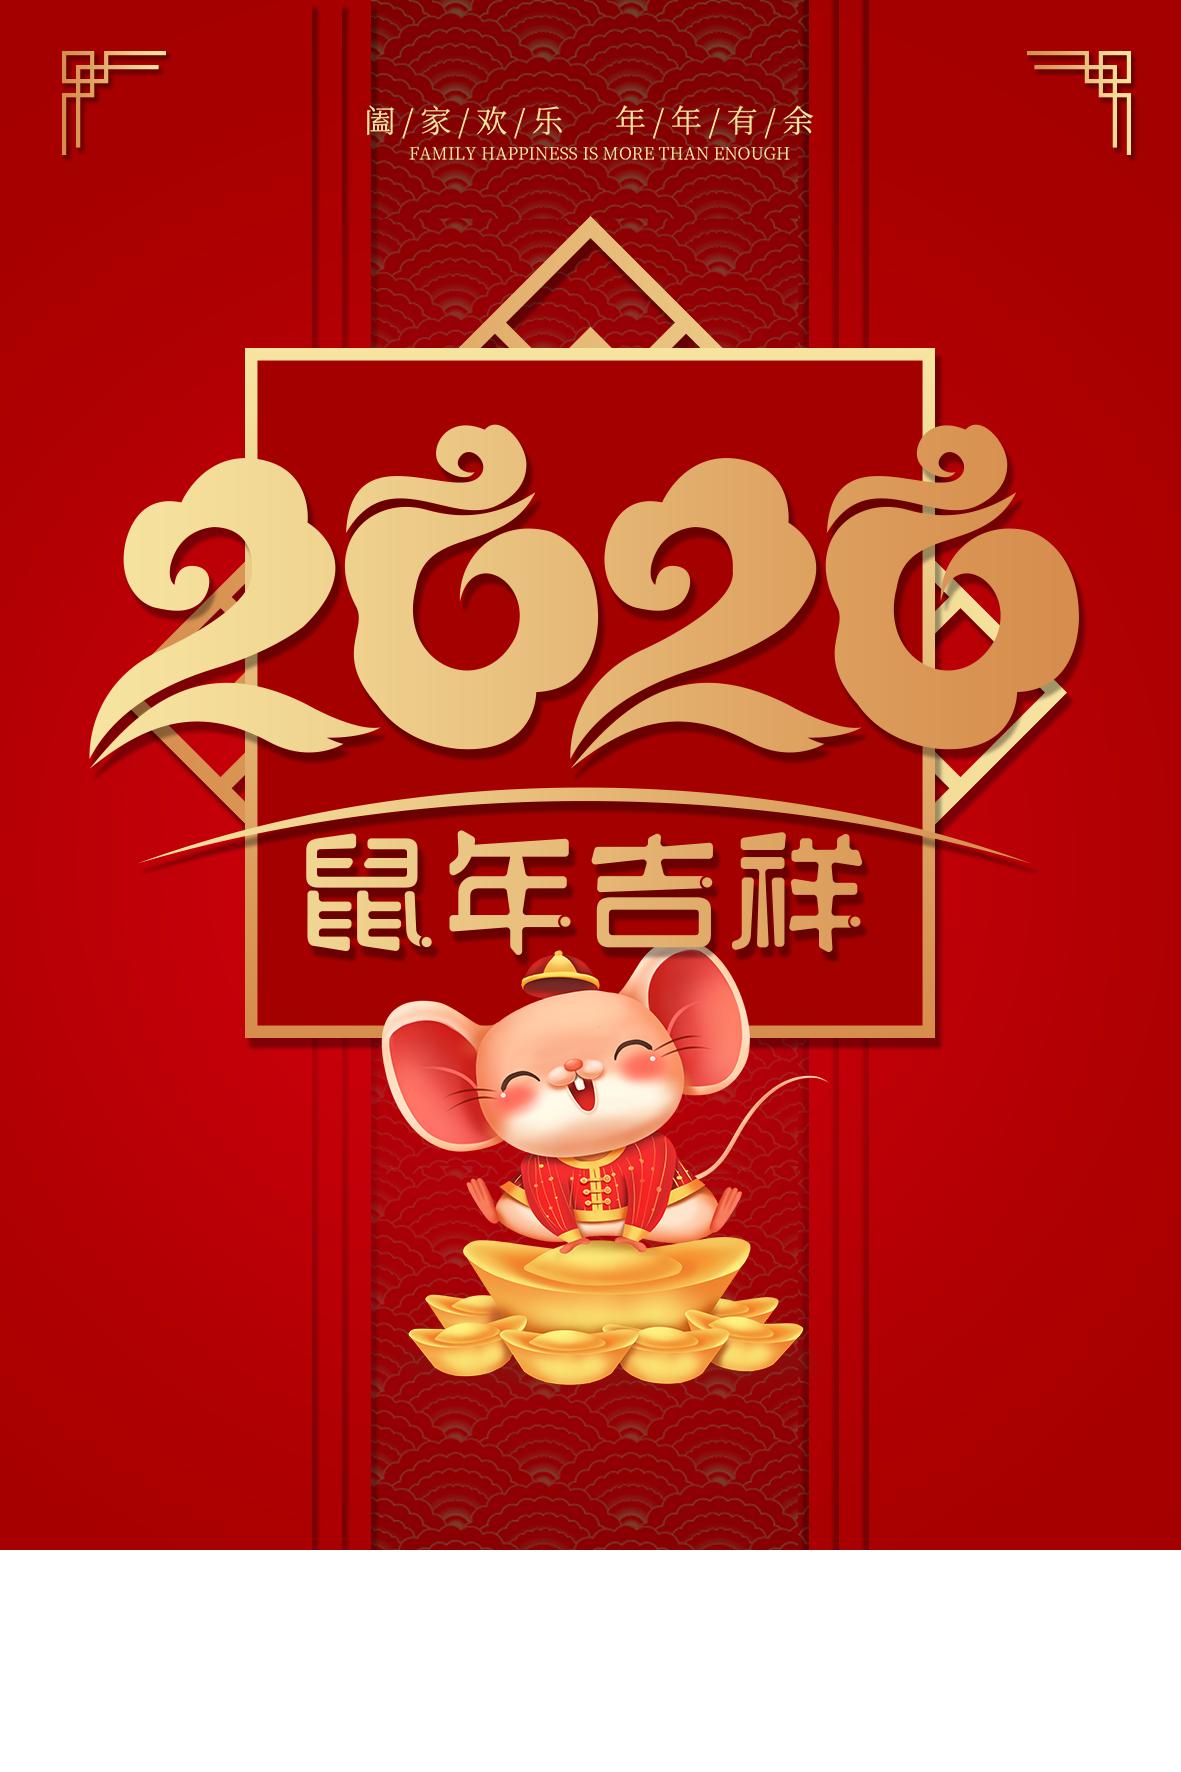 新年快乐丨维克祝您2020年新春愉快 阖家团圆~